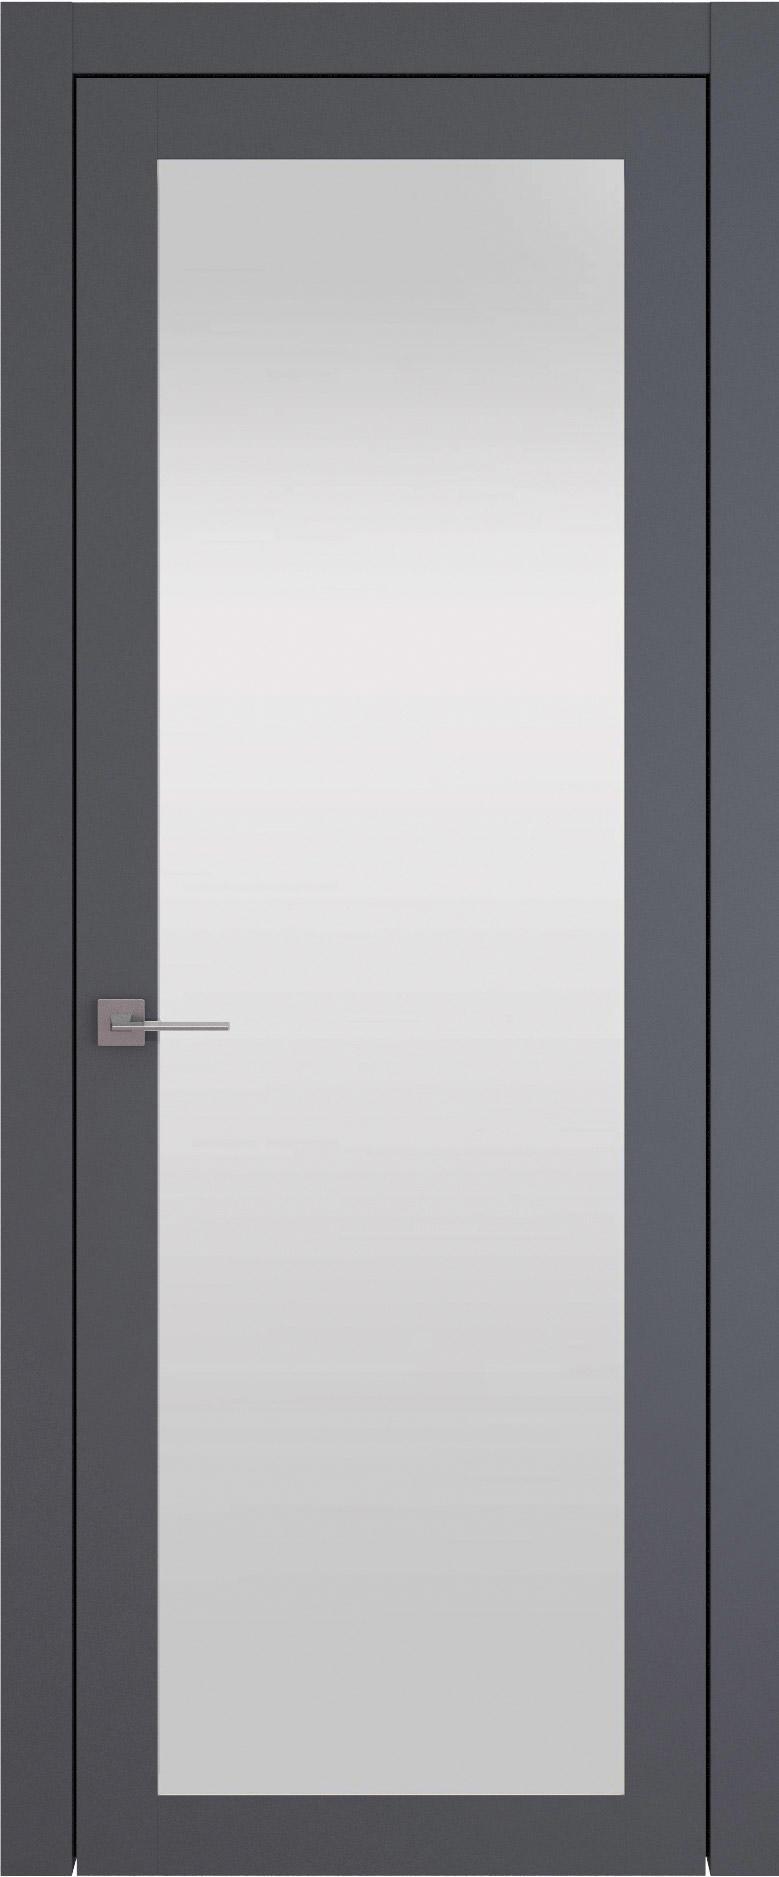 Tivoli З-1 цвет - Графитово-серая эмаль (RAL 7024) Со стеклом (ДО)